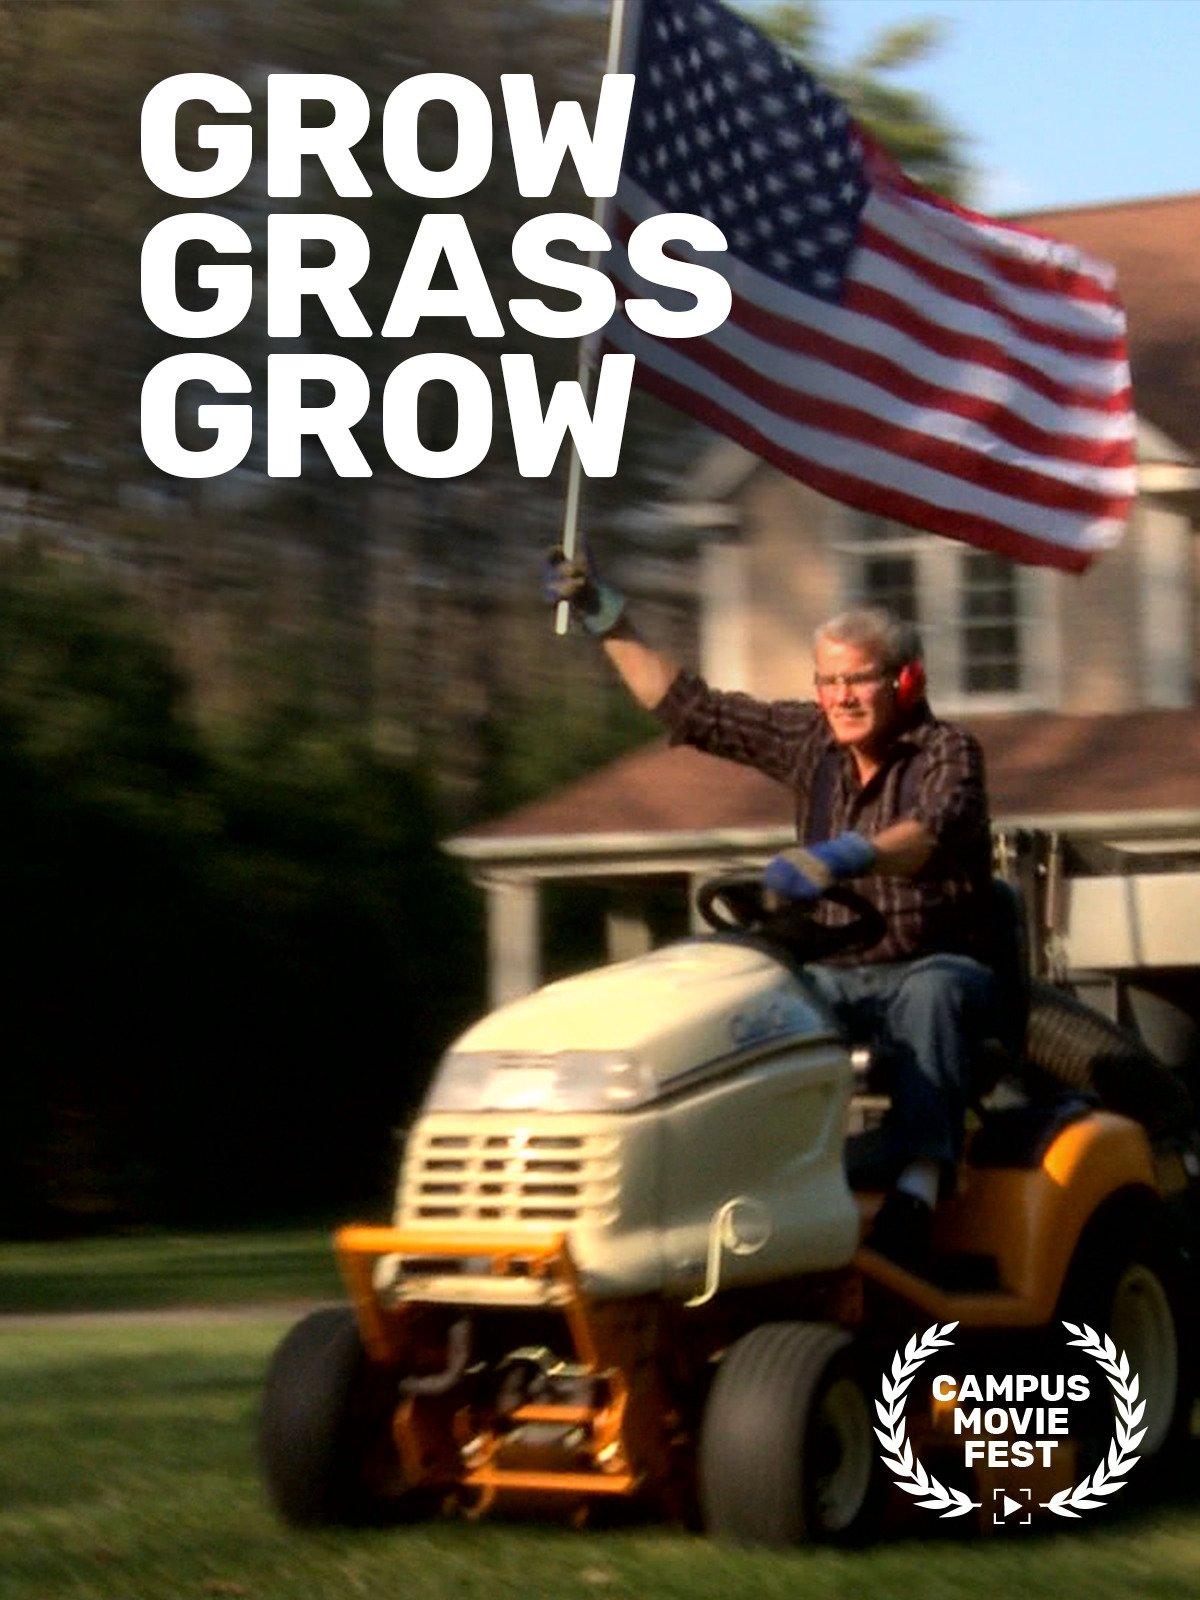 Grow Grass Grow